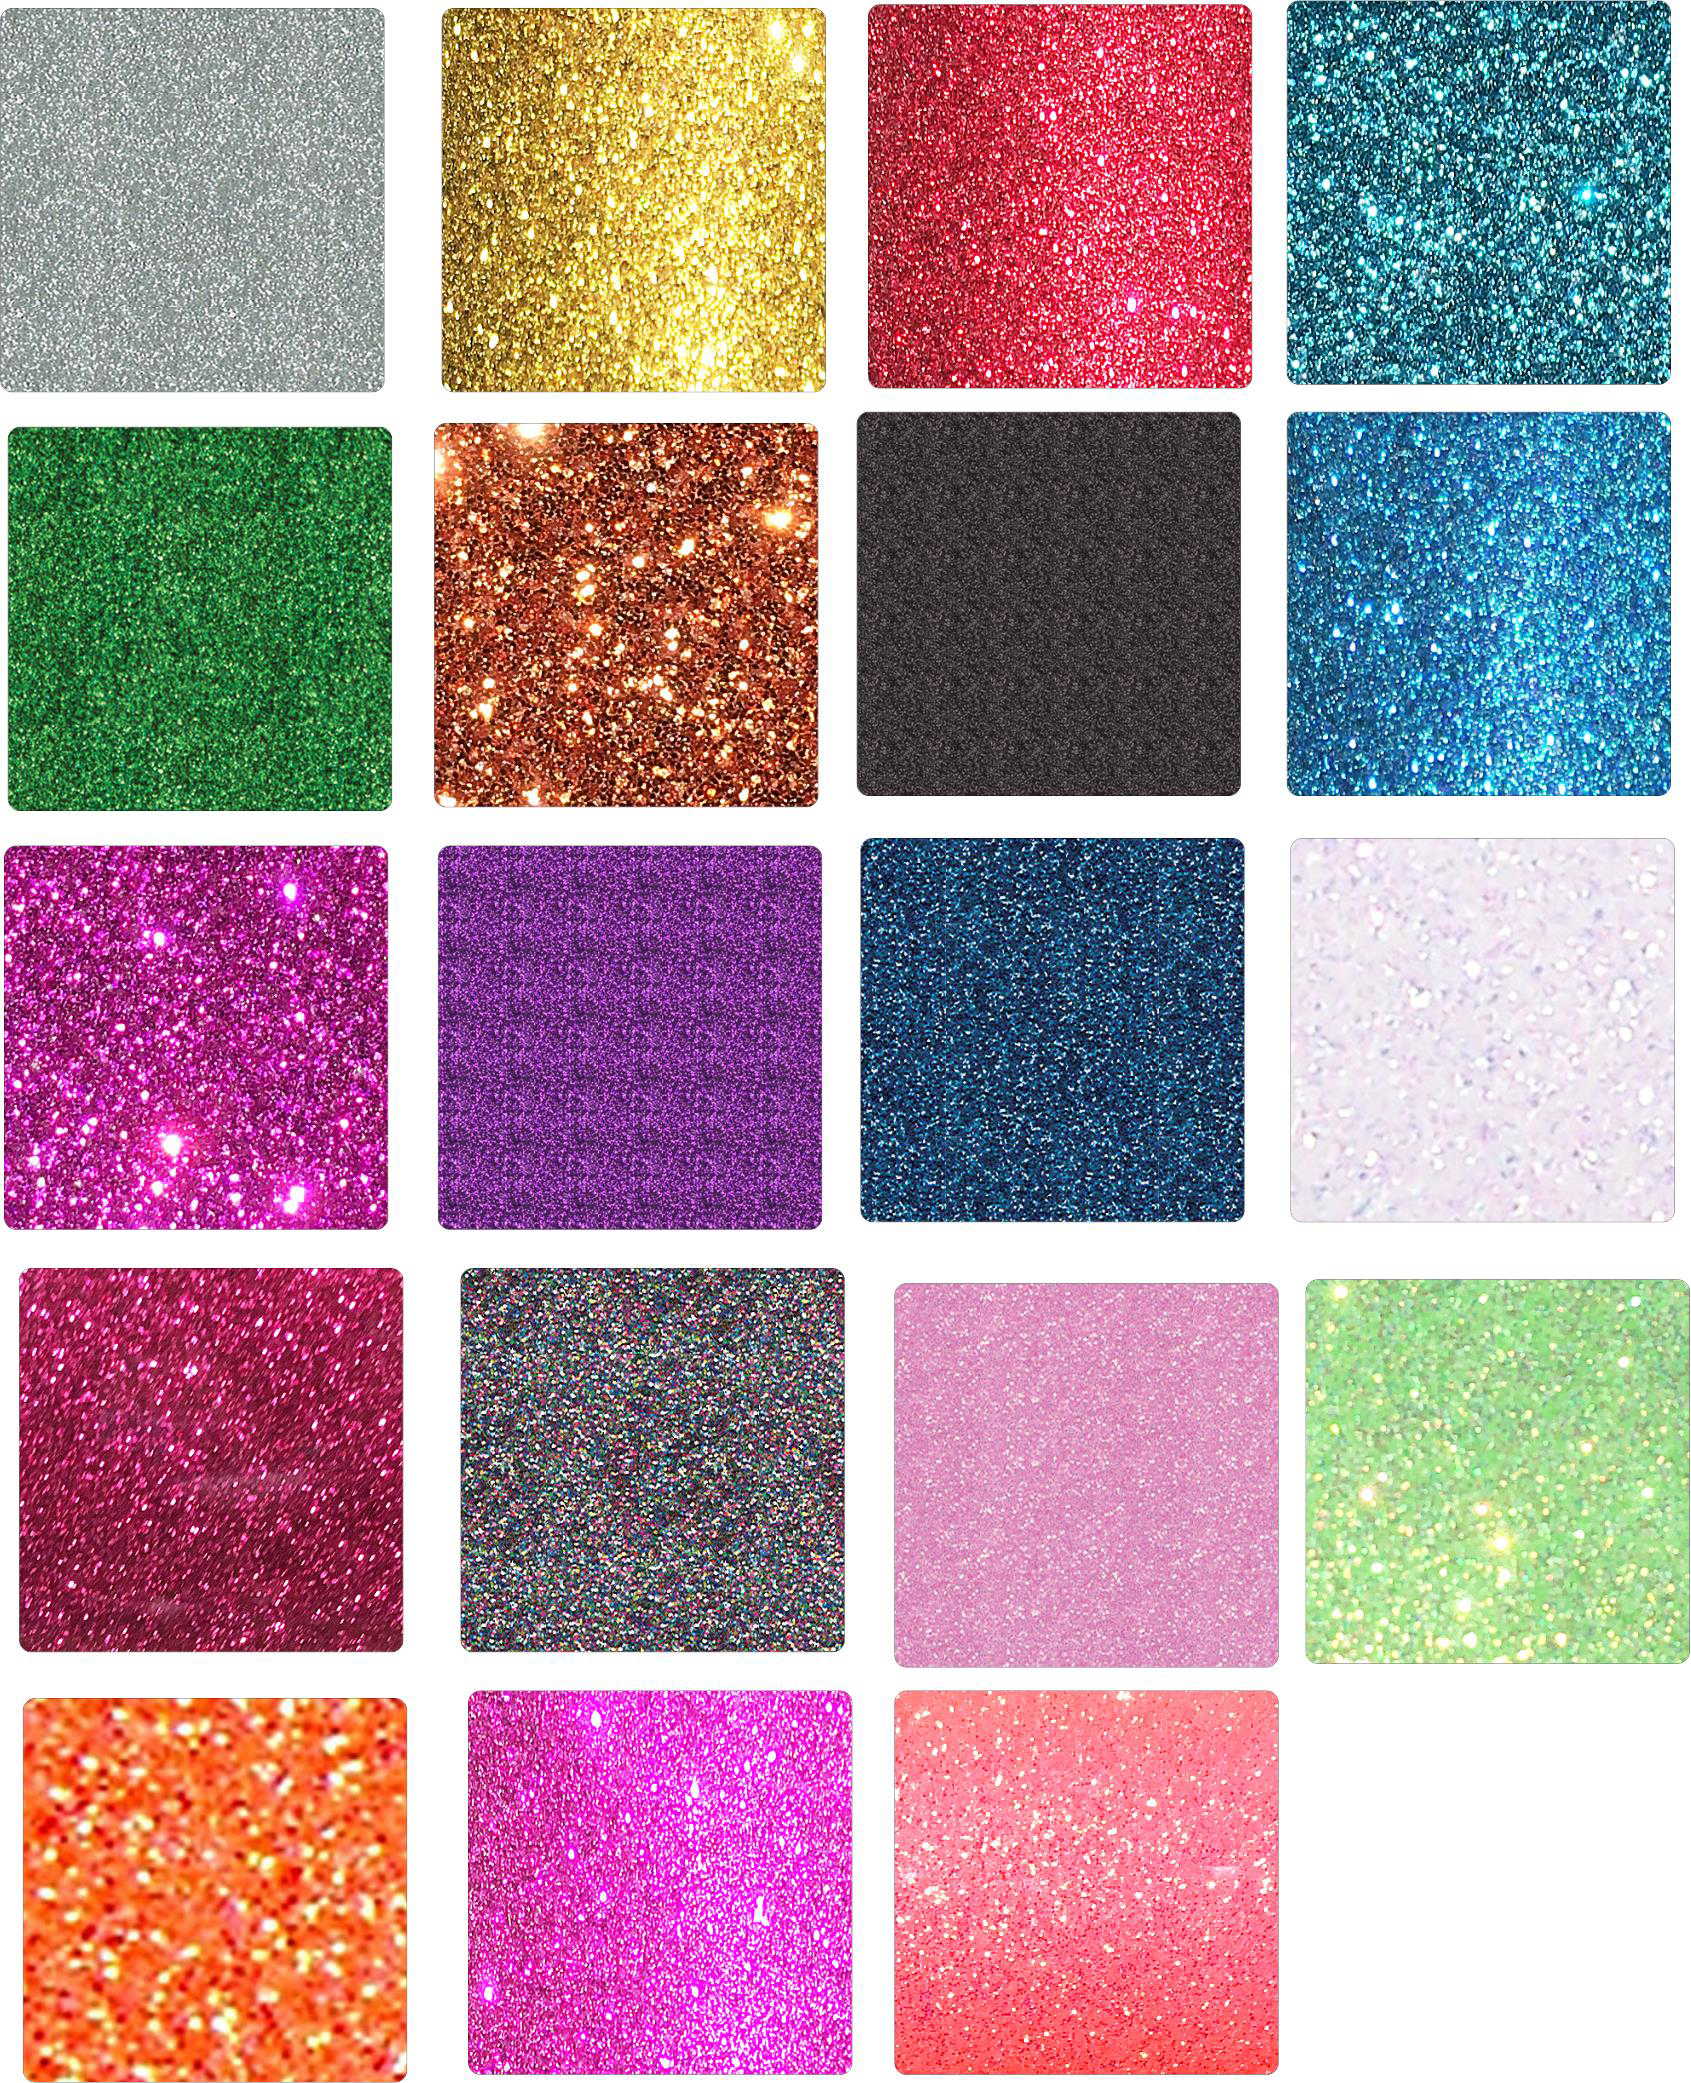 glitter-colors.jpg